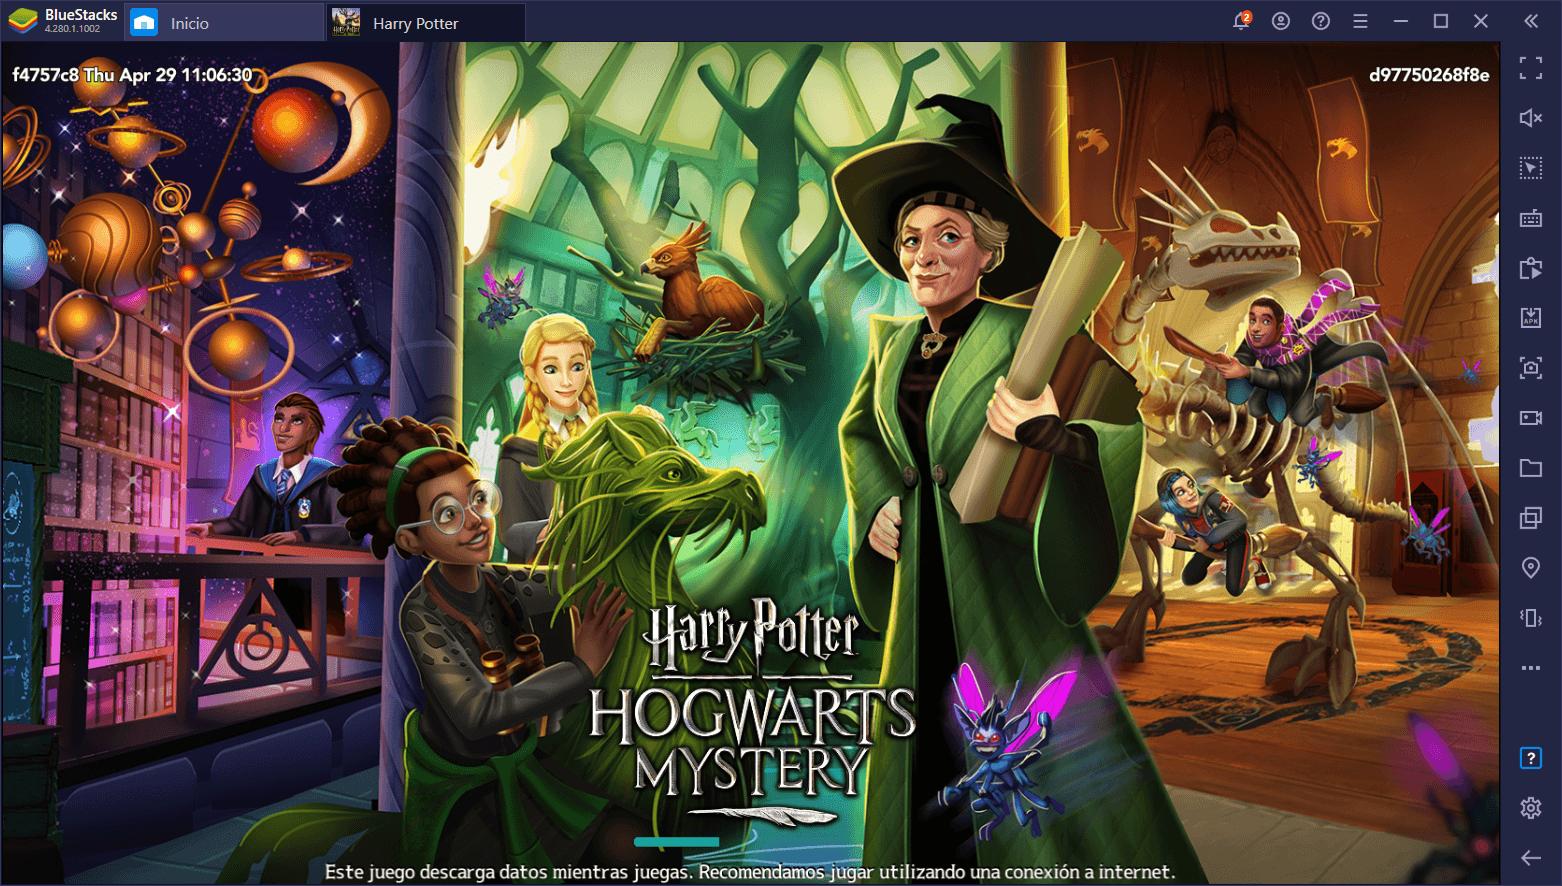 Trucos y Consejos Para Principiantes en Harry Potter: Hogwarts Mystery